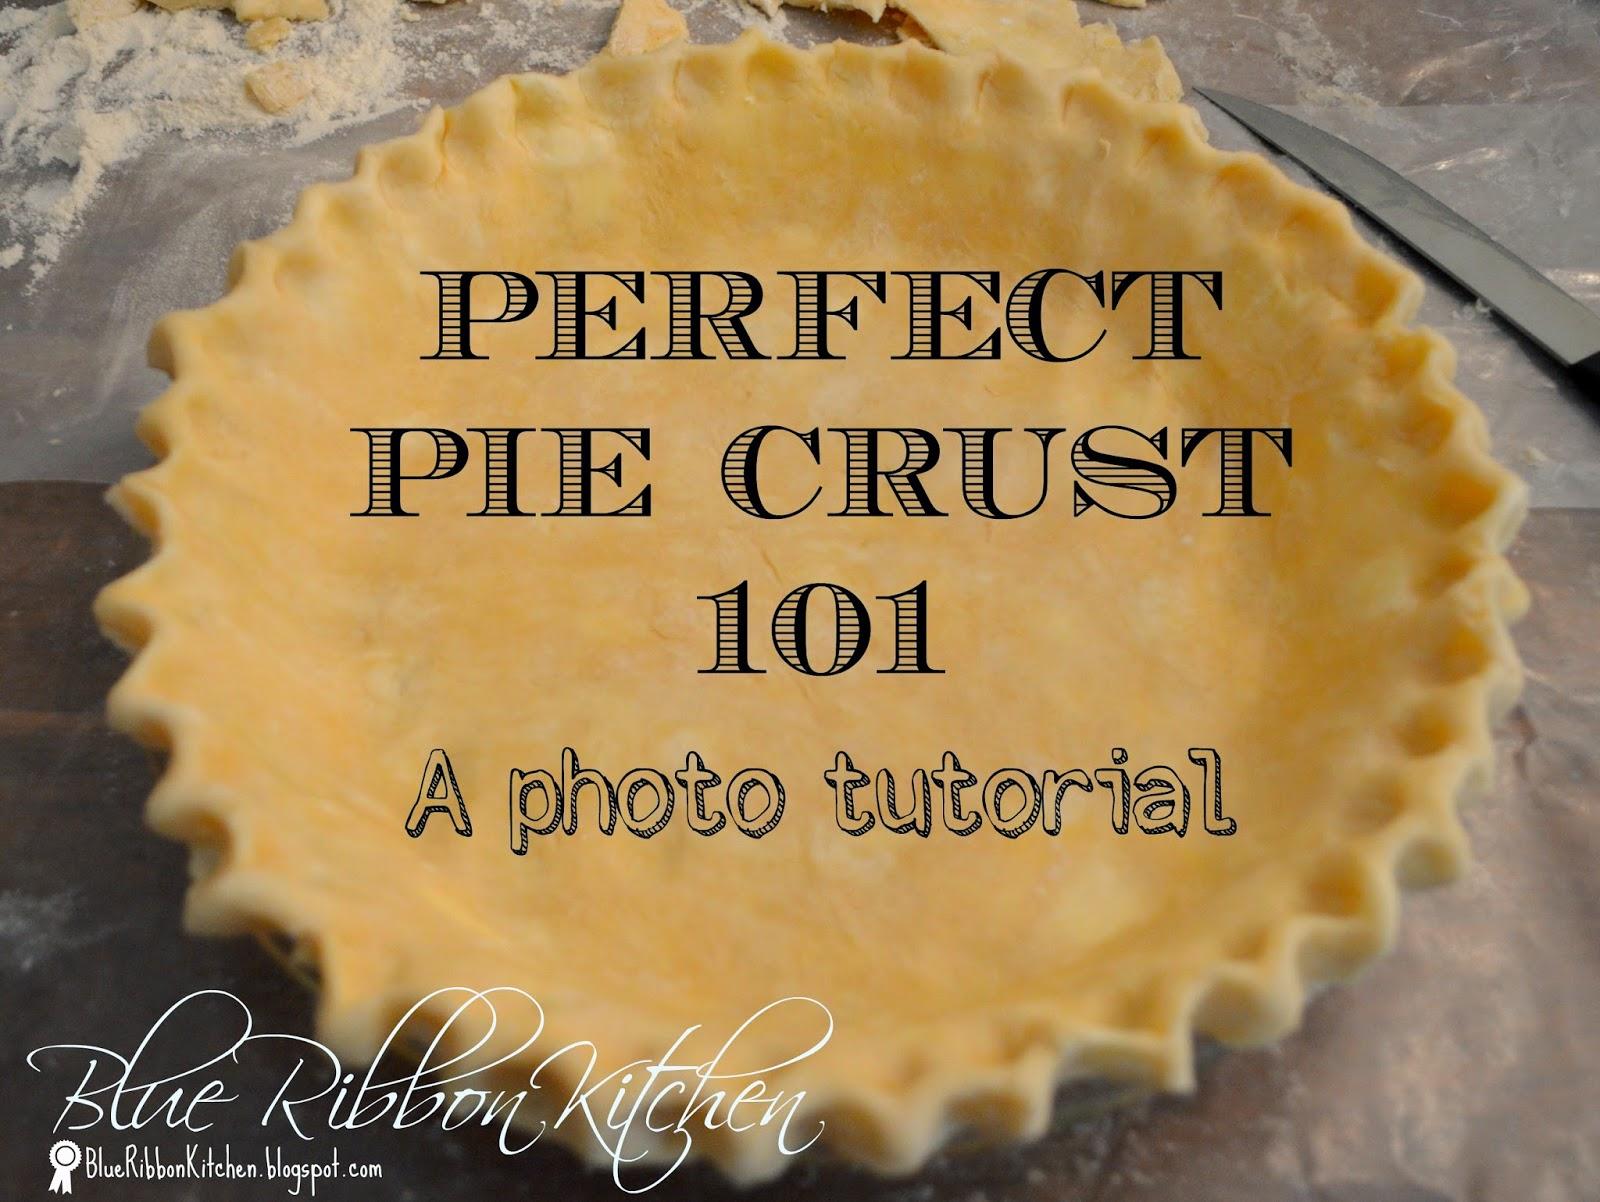 ... Kitchen: PERFECT PIE CRUST 101, a blue ribbon~award winning crust